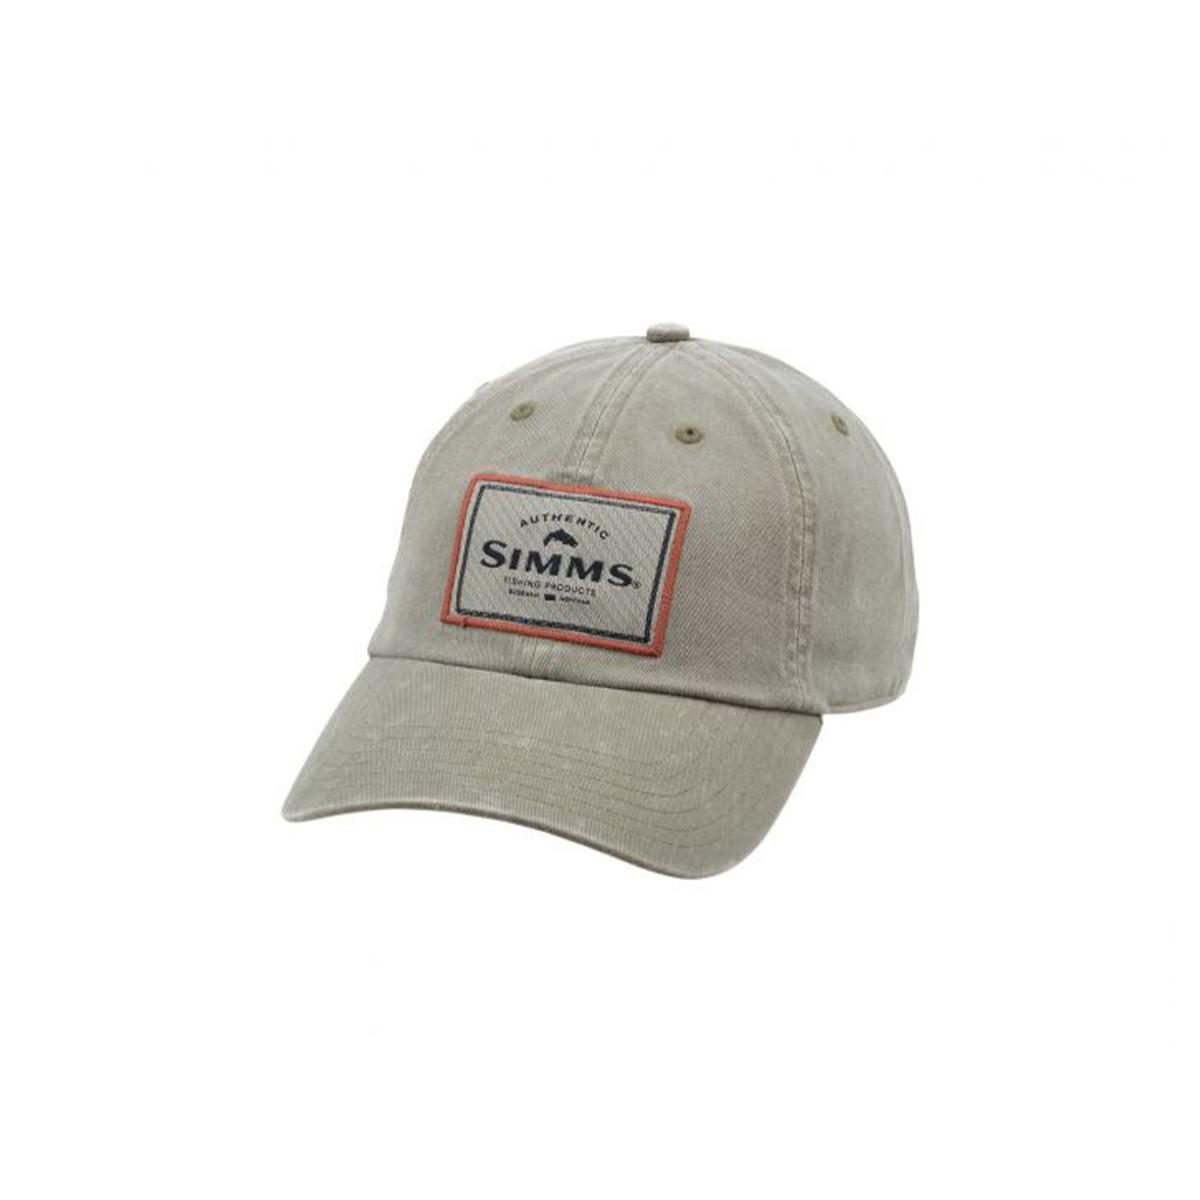 Simms Clothing Single Haul Cap